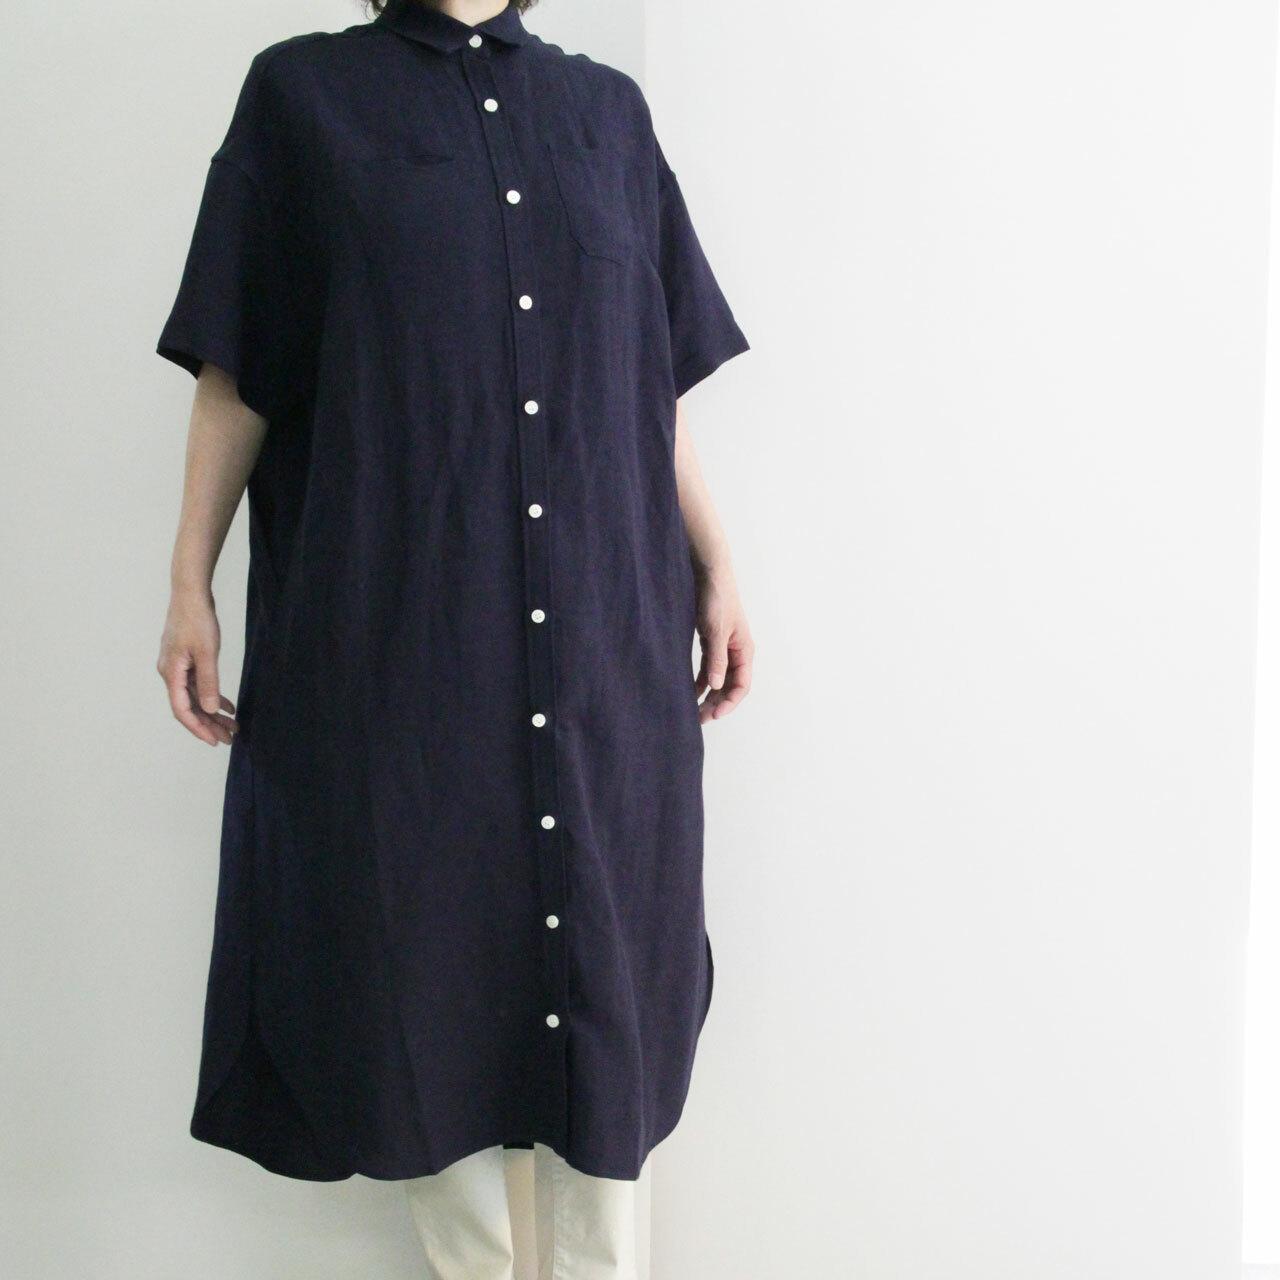 COMM.ARCH  コム・アーチ    LINEN ONE PIECE SHIRT リネンワンピースシャツ  -NIGHT  OCEAN-